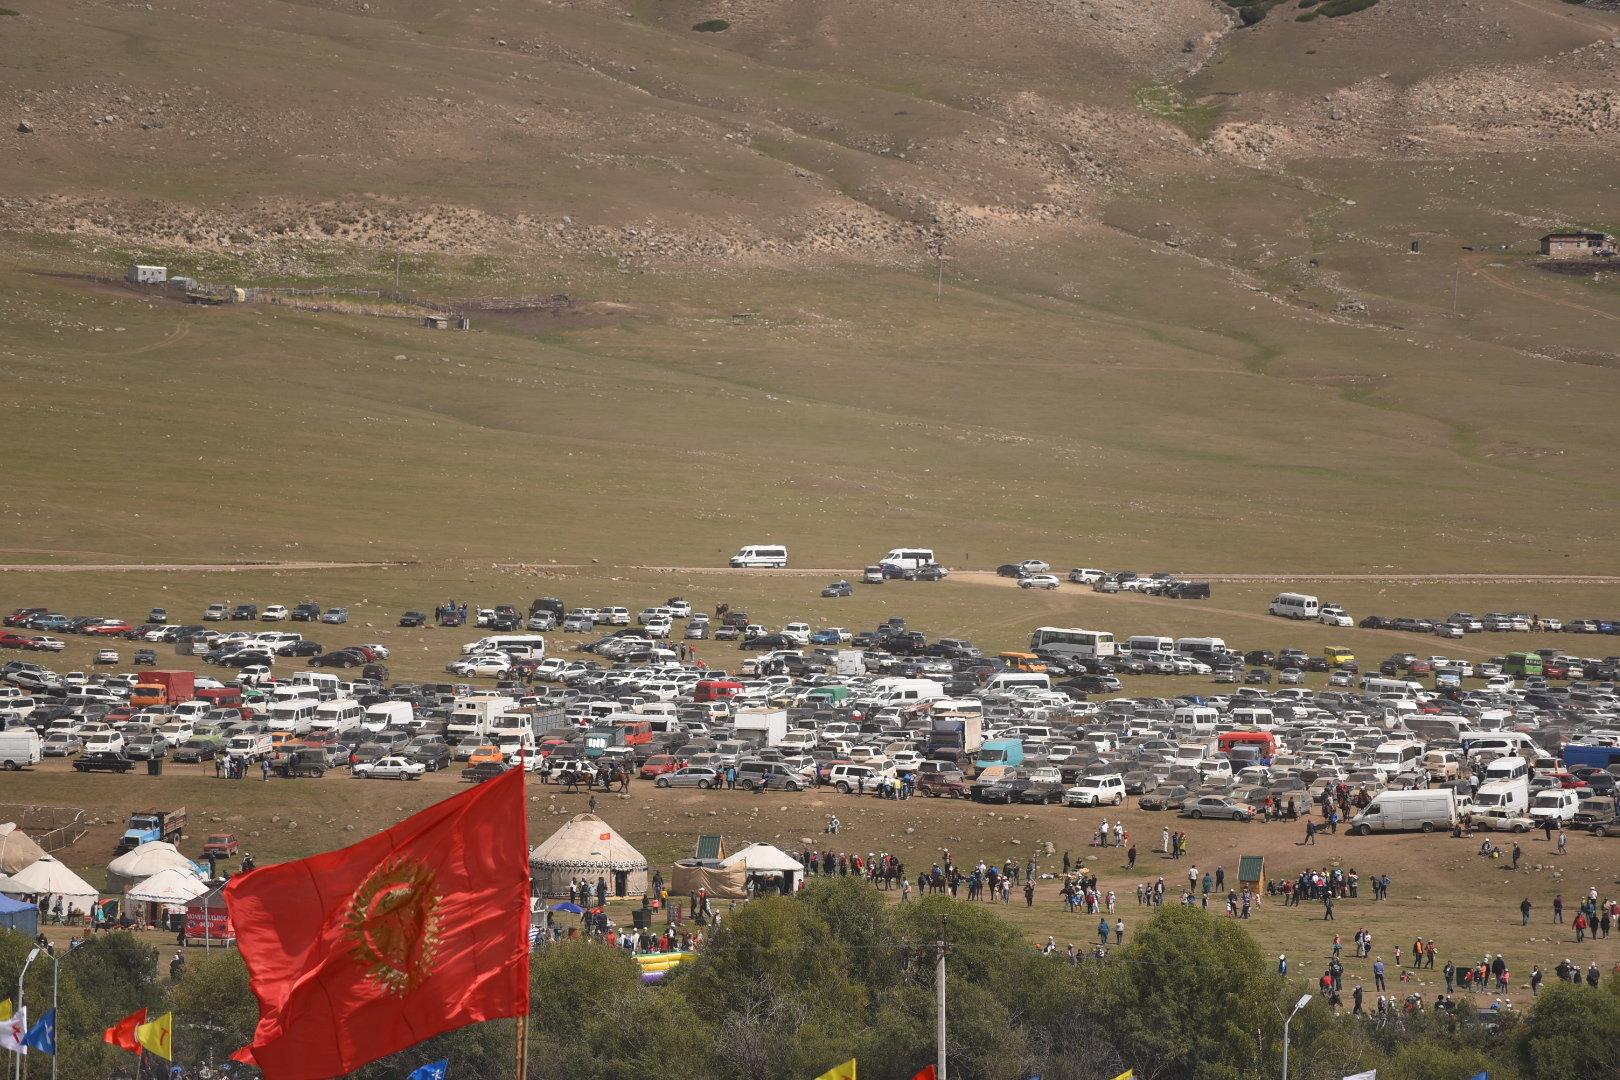 В ущелье Кырчын скопилось огромное количество автомобилей.